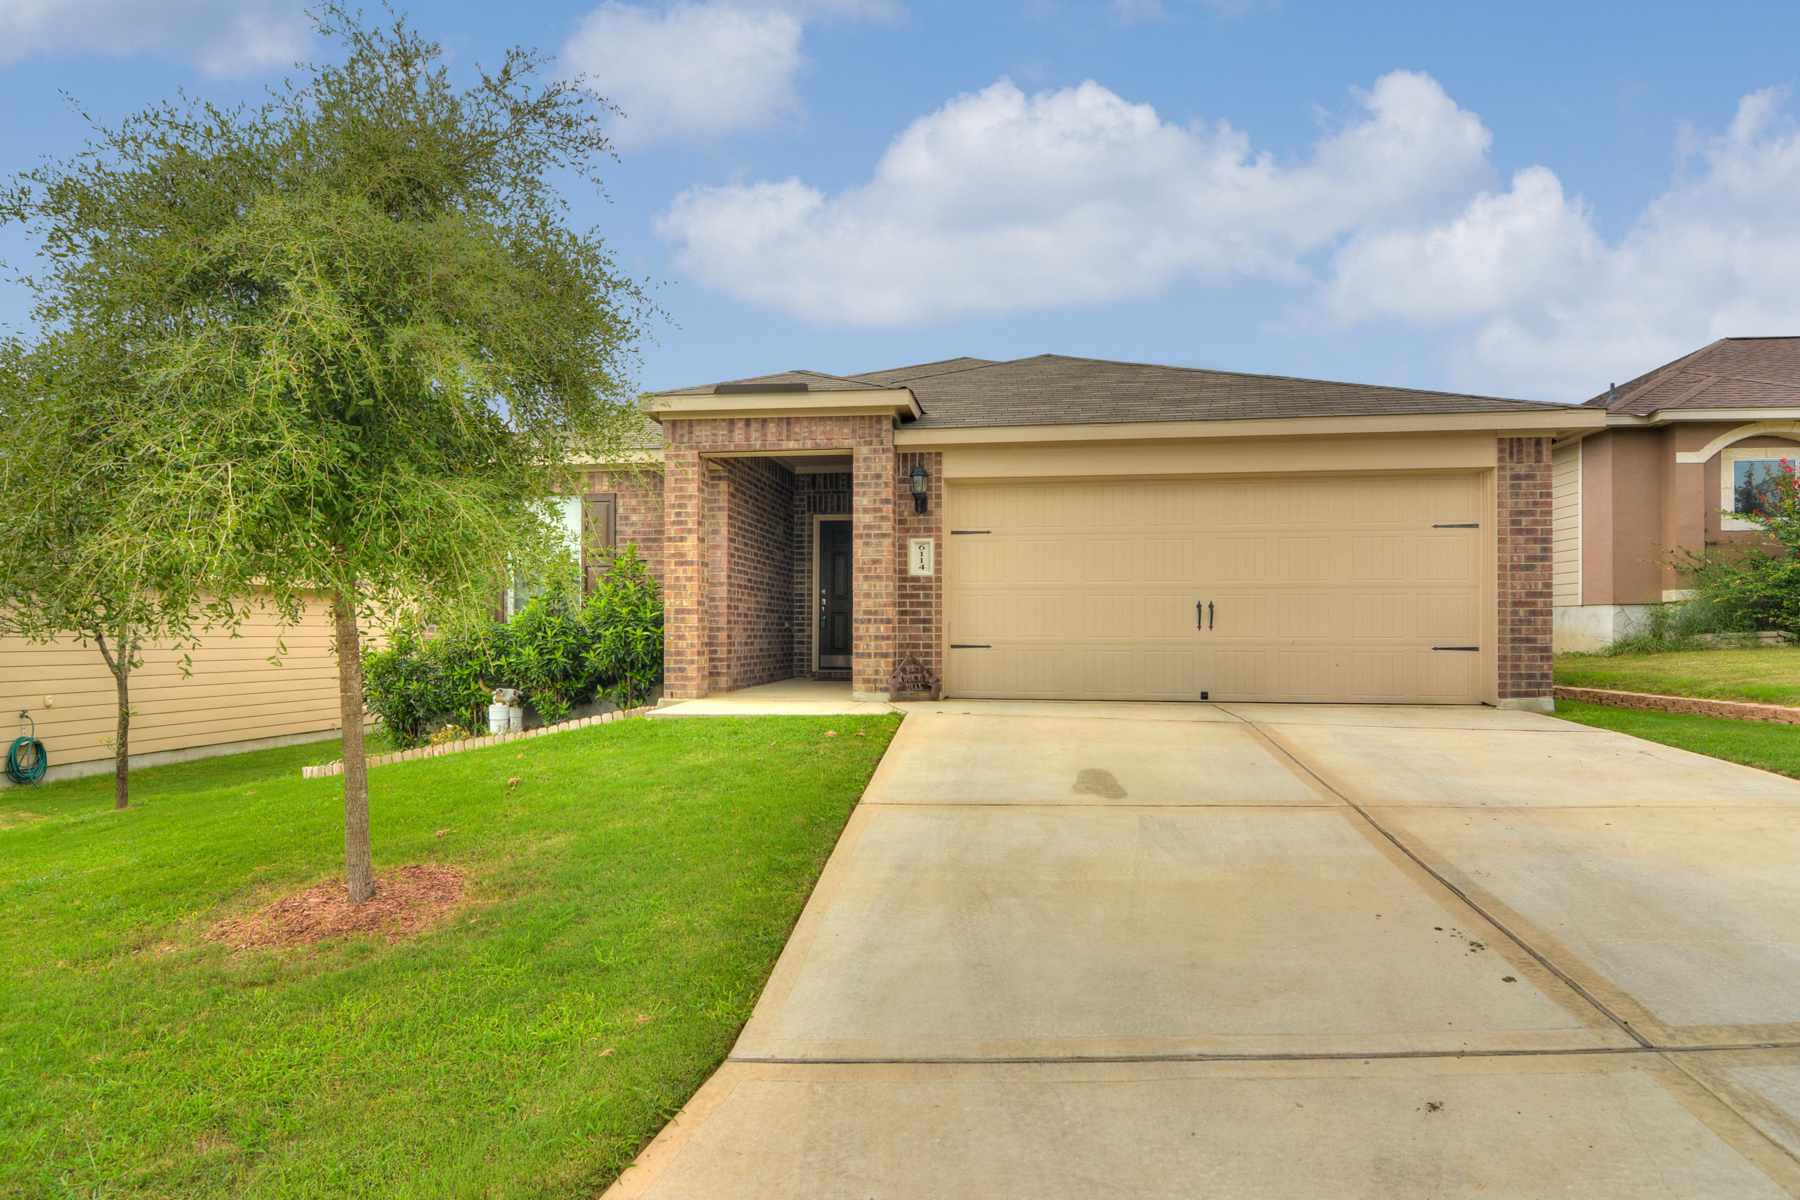 Casa Unifamiliar por un Venta en Beautiful One-Story in Foster Meadows 6114 Pleasant Meadow San Antonio, Texas 78222 Estados Unidos